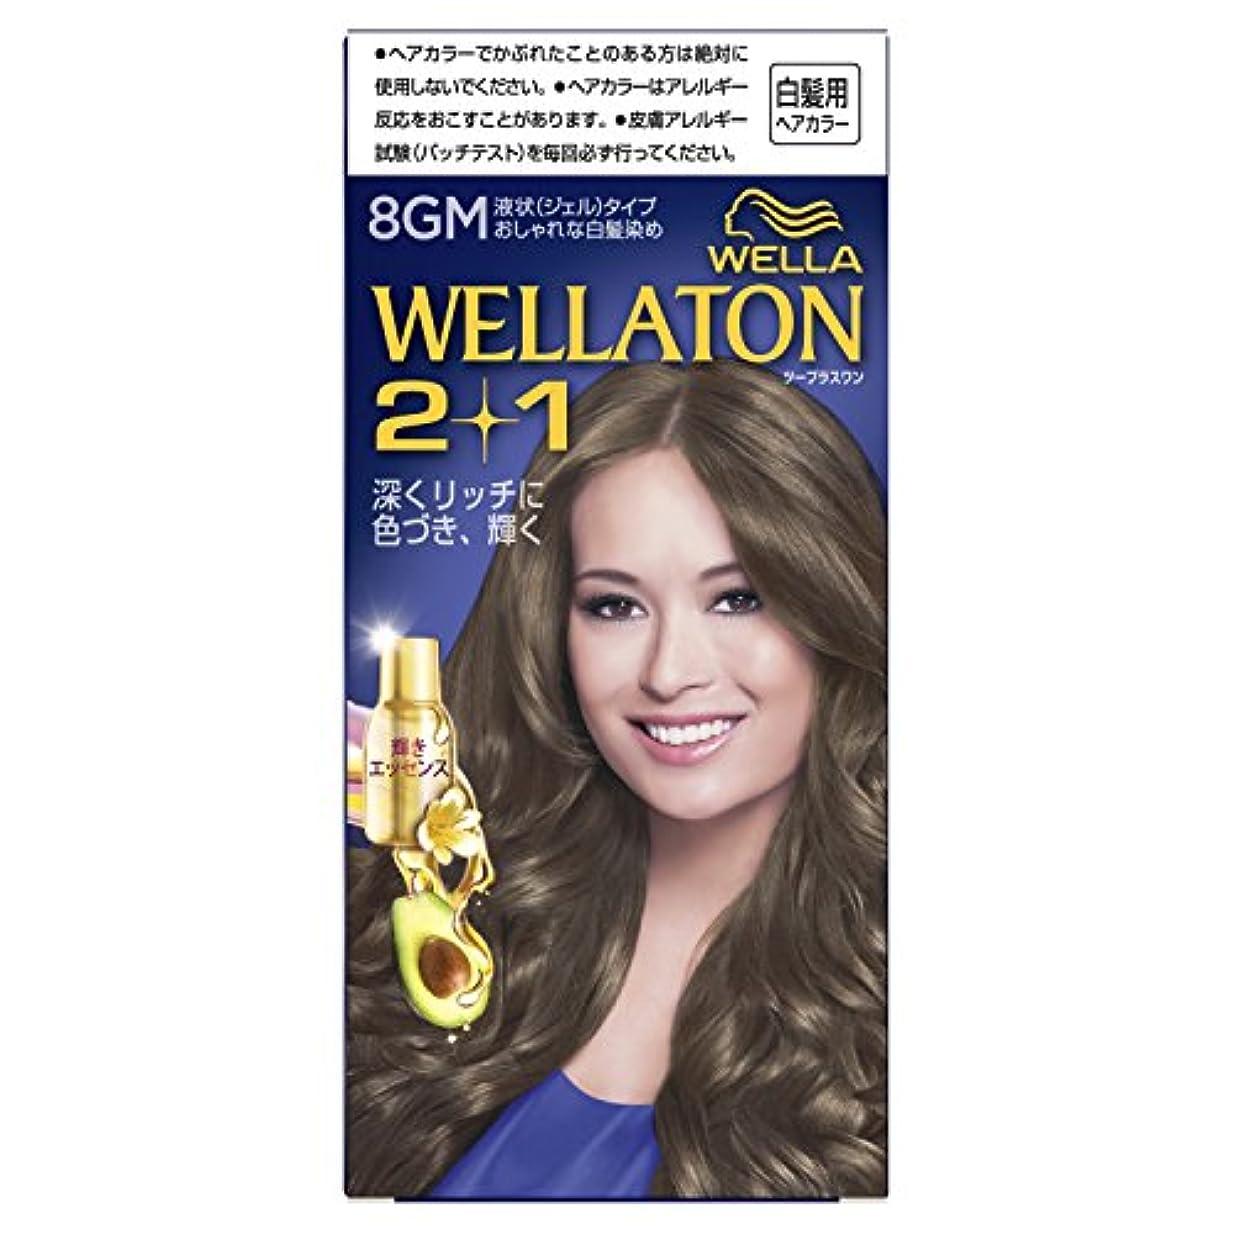 長椅子教科書送金ウエラトーン2+1 液状タイプ 8GM [医薬部外品](おしゃれな白髪染め)